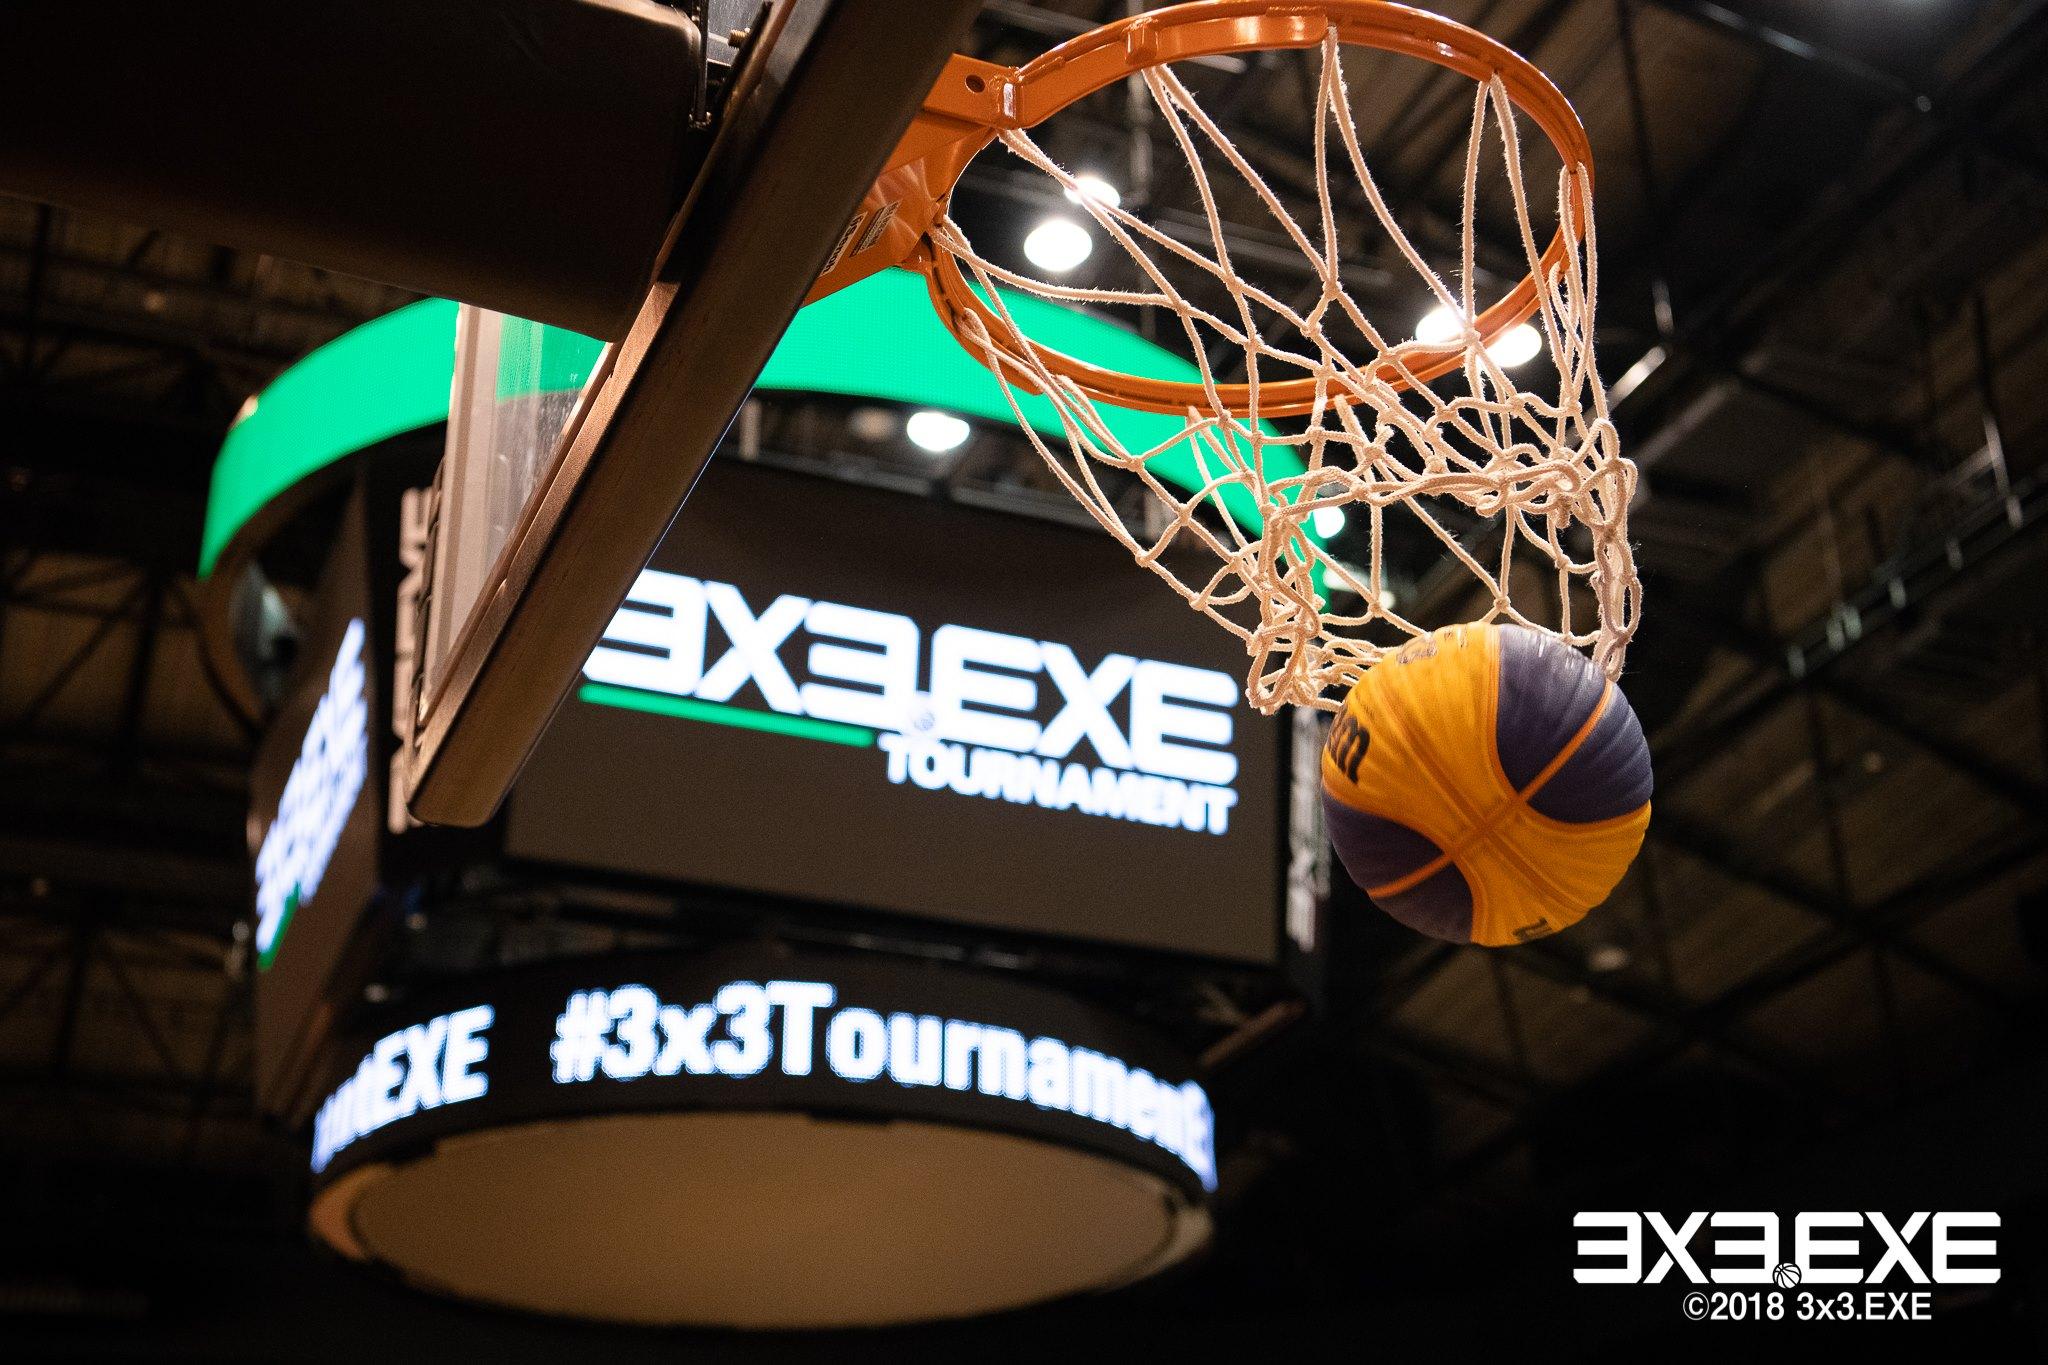 代表候補が仙台へ、シーズン到来を告げる3×3.EXE TOURNAMENT JAPAN FINALの見どころ